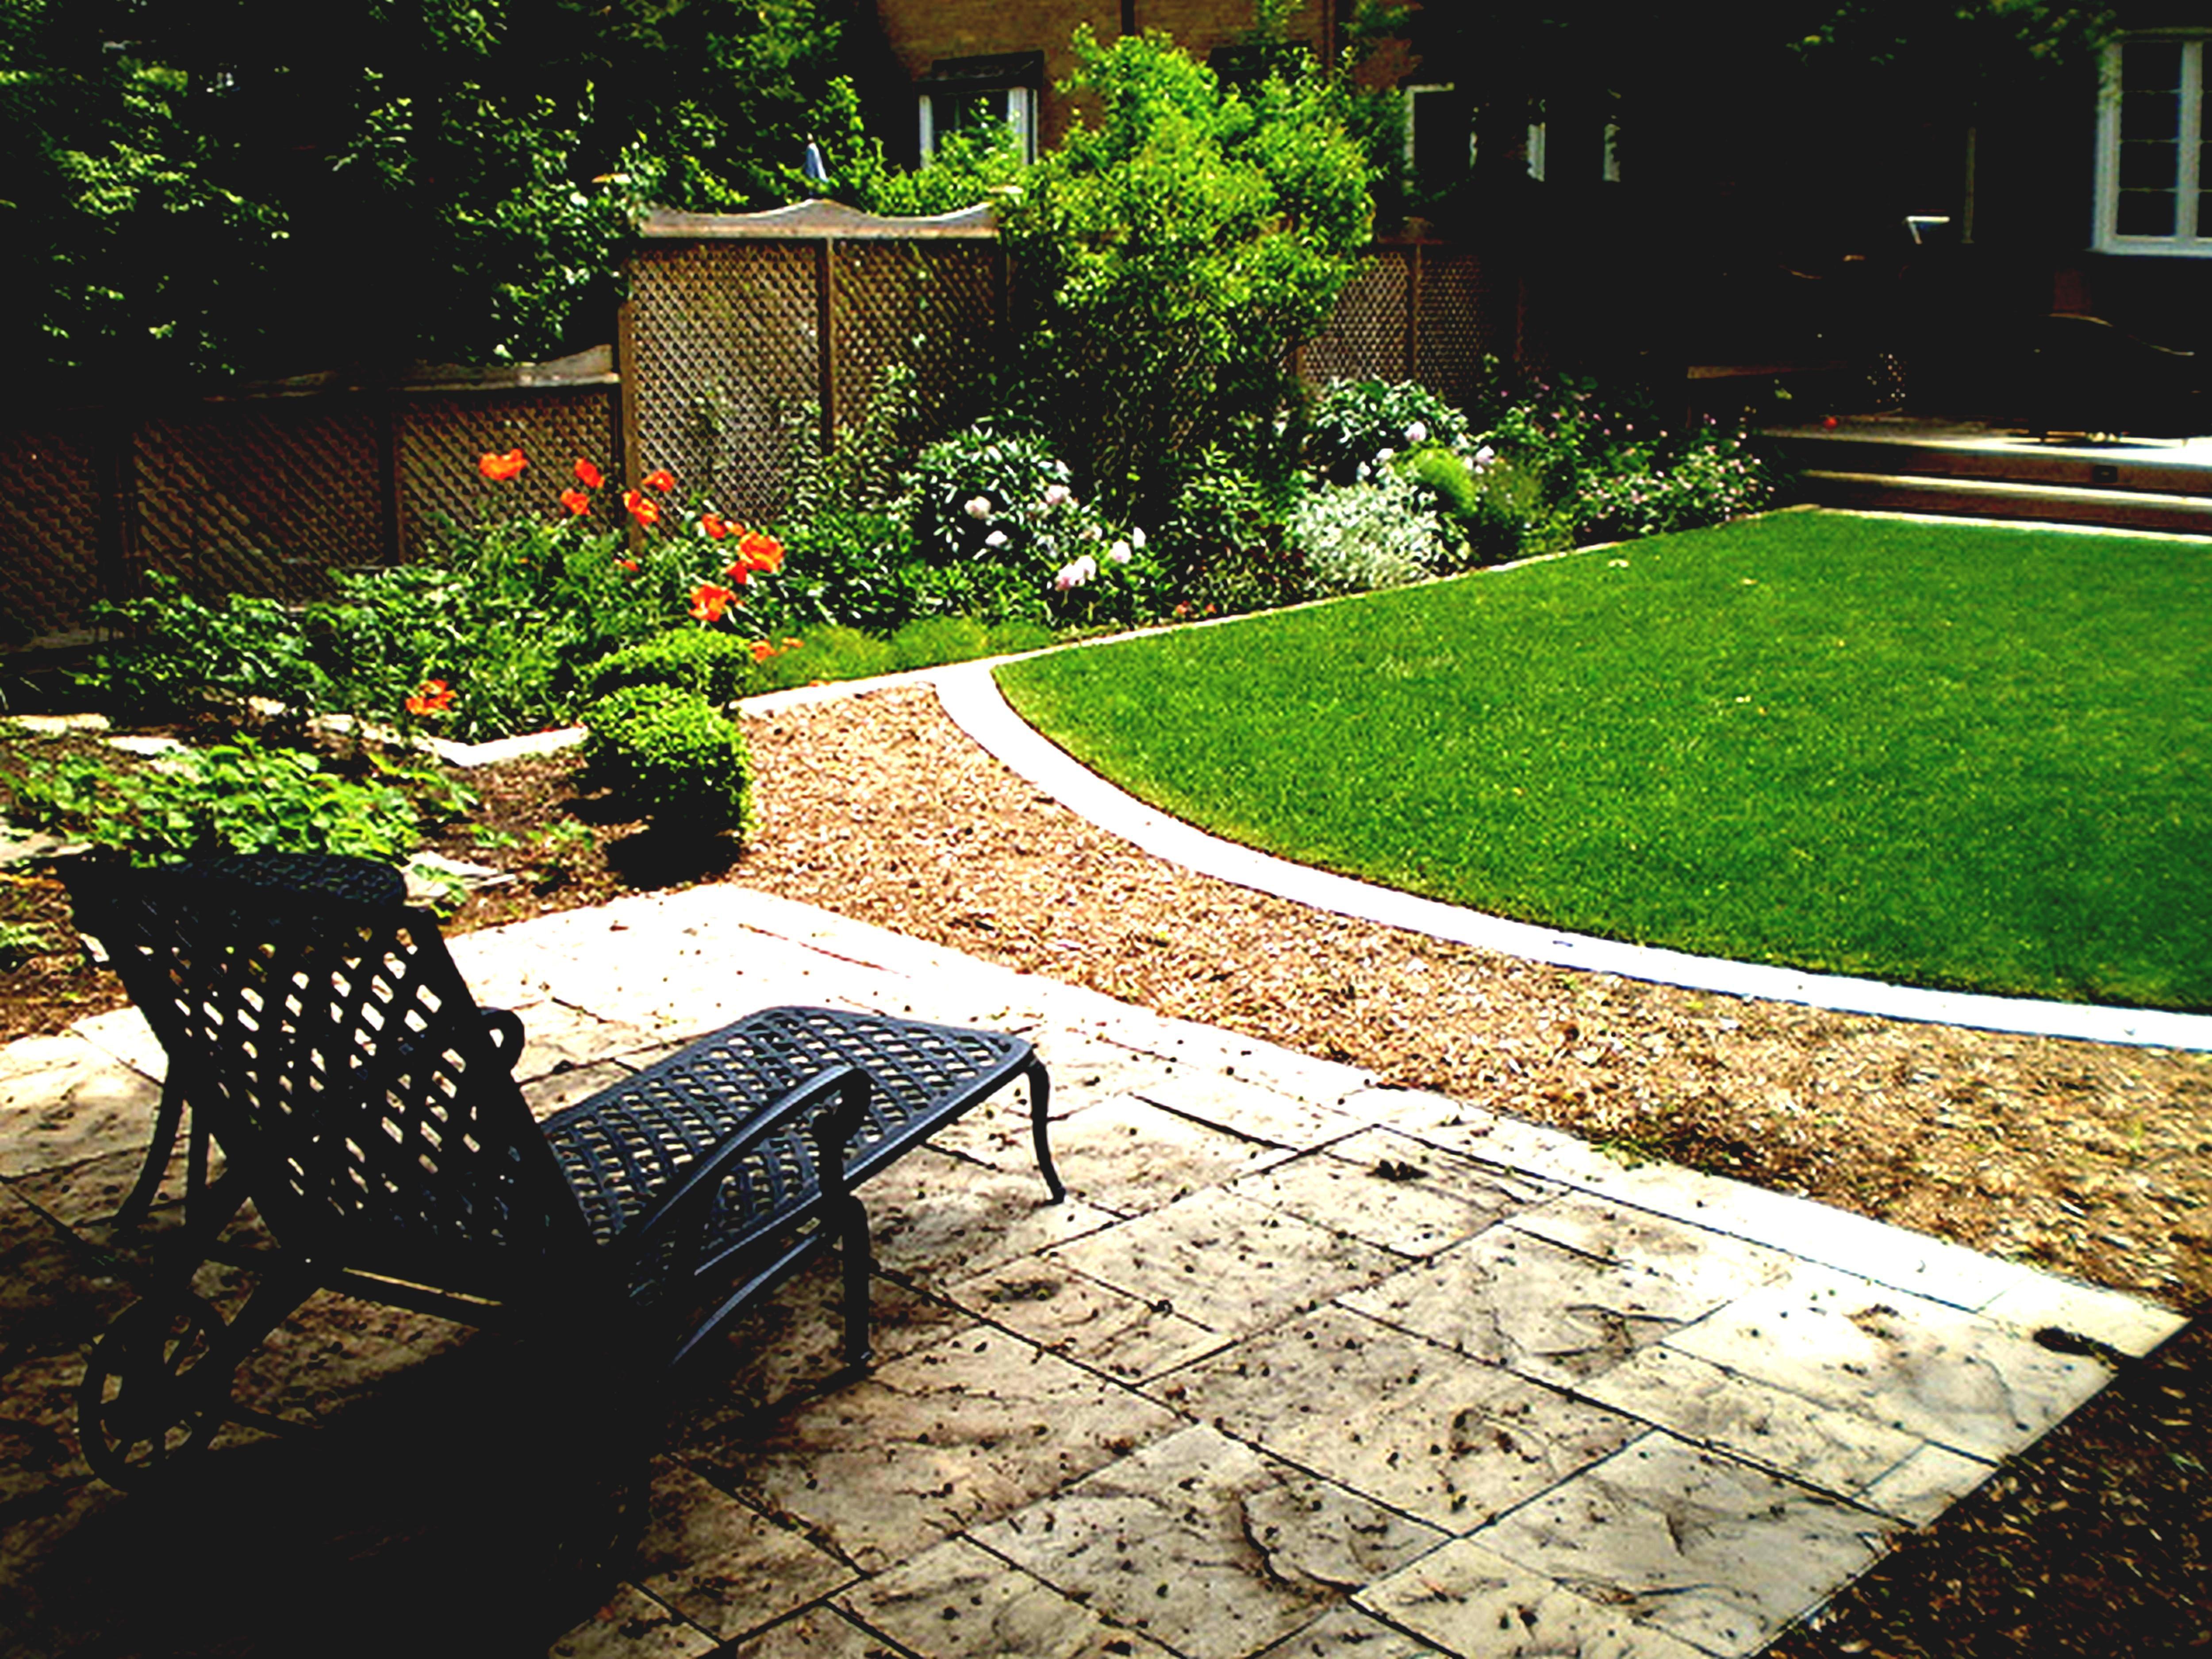 Fantastisch Patio Ideen Bilder Hinterhof Landschaftsgestaltung Auf Einen Haushalt  #Gartendeko